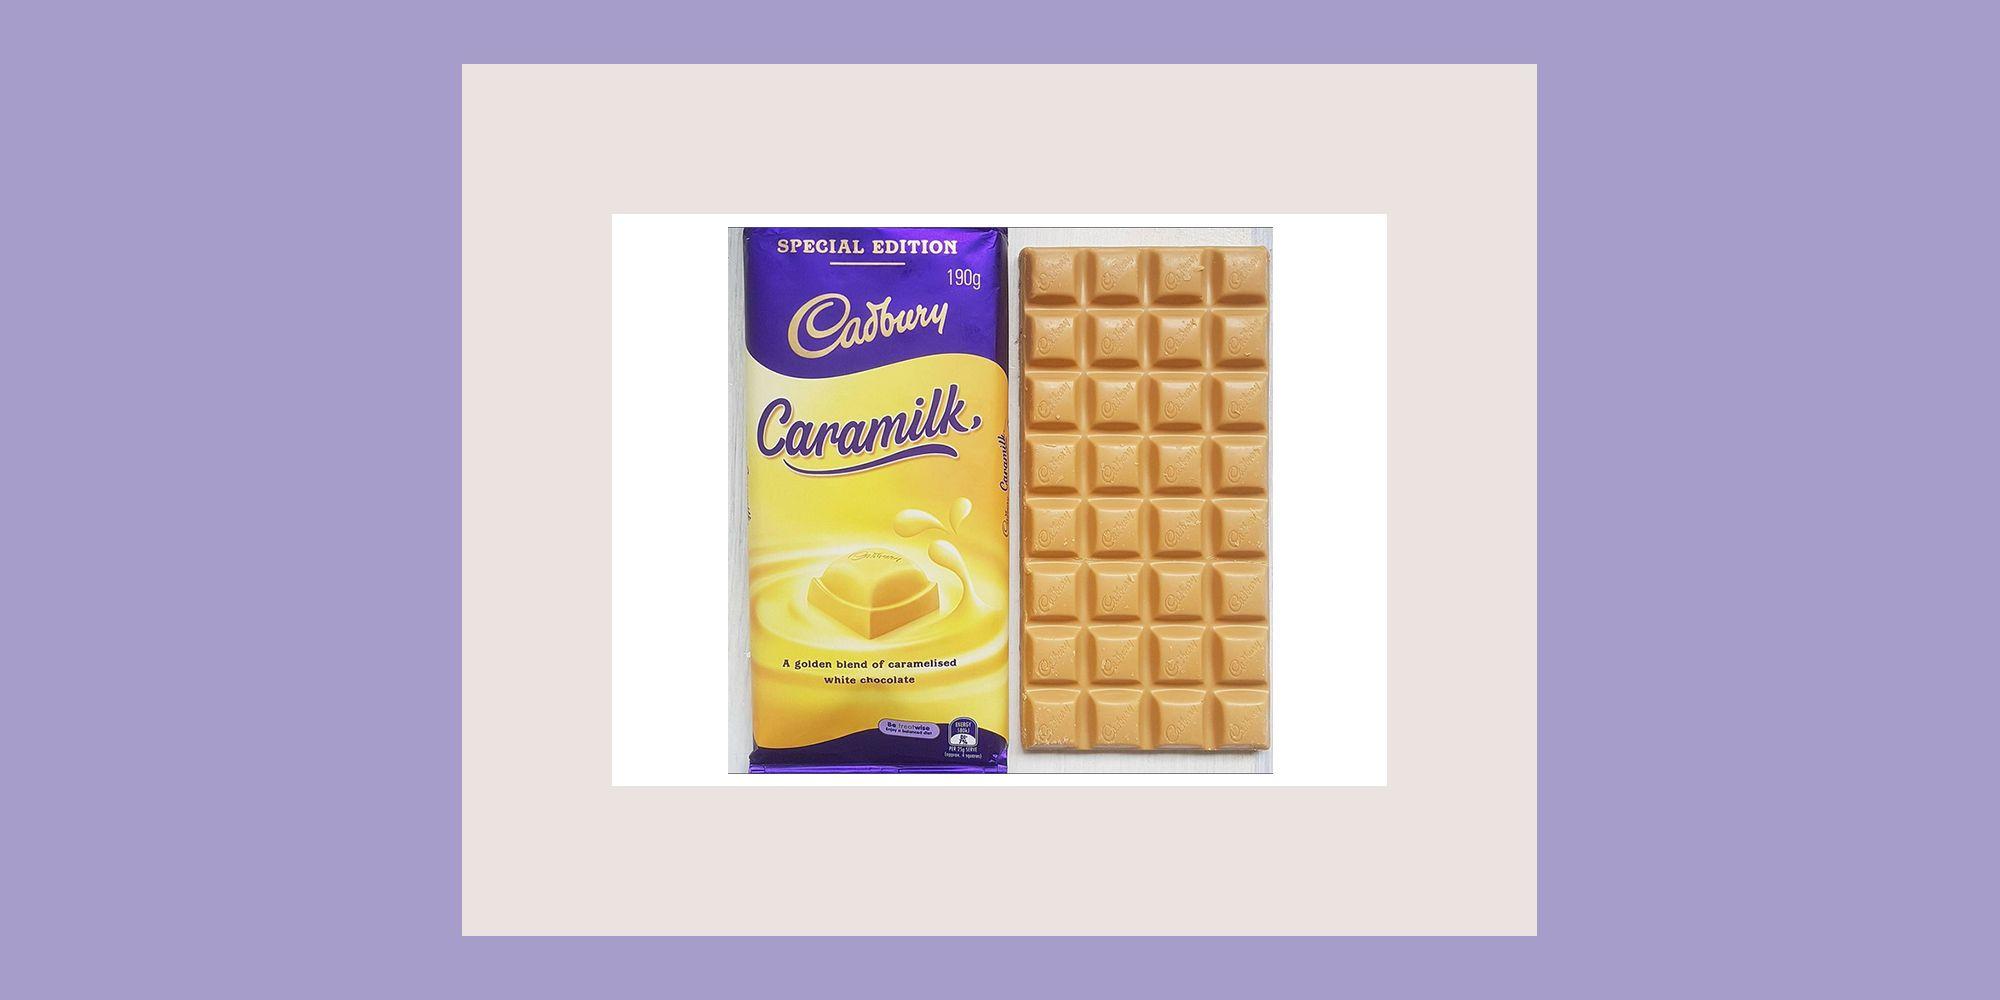 Cadbury's Caramilk has finally arrived in the UK